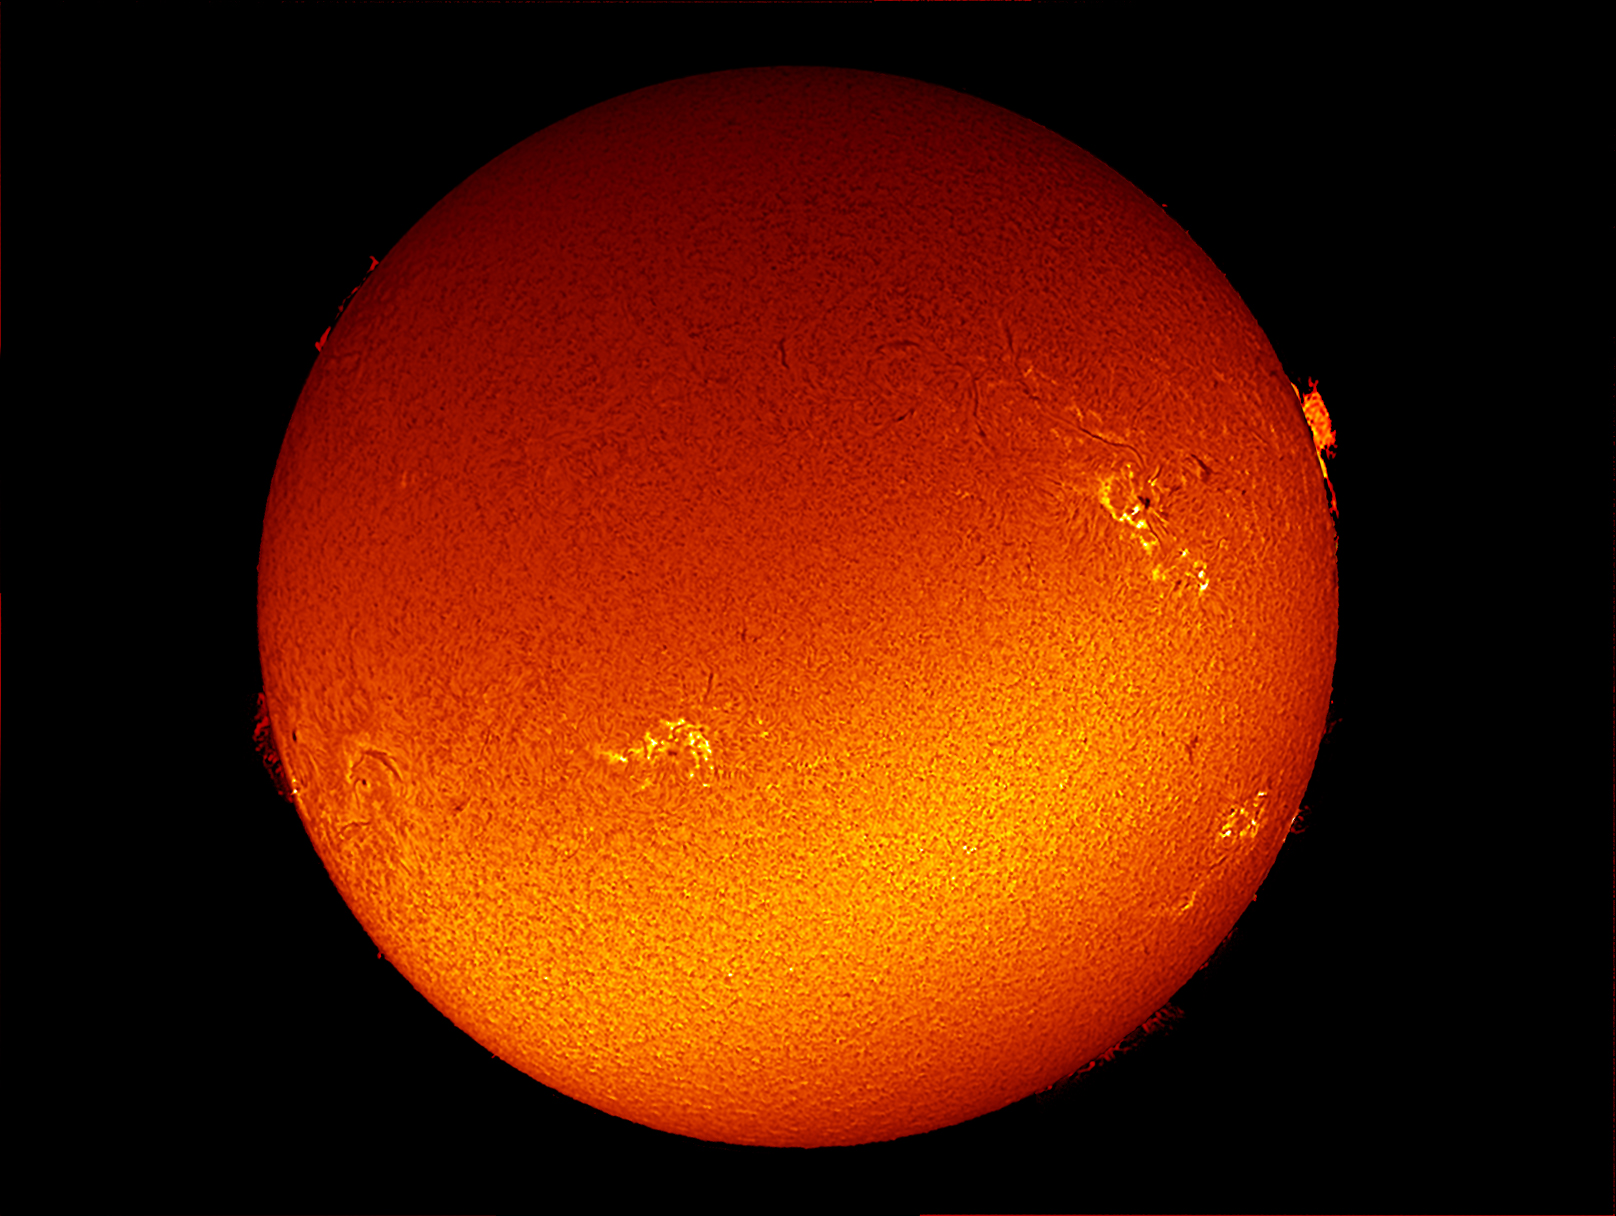 Sun - December 28, 2011